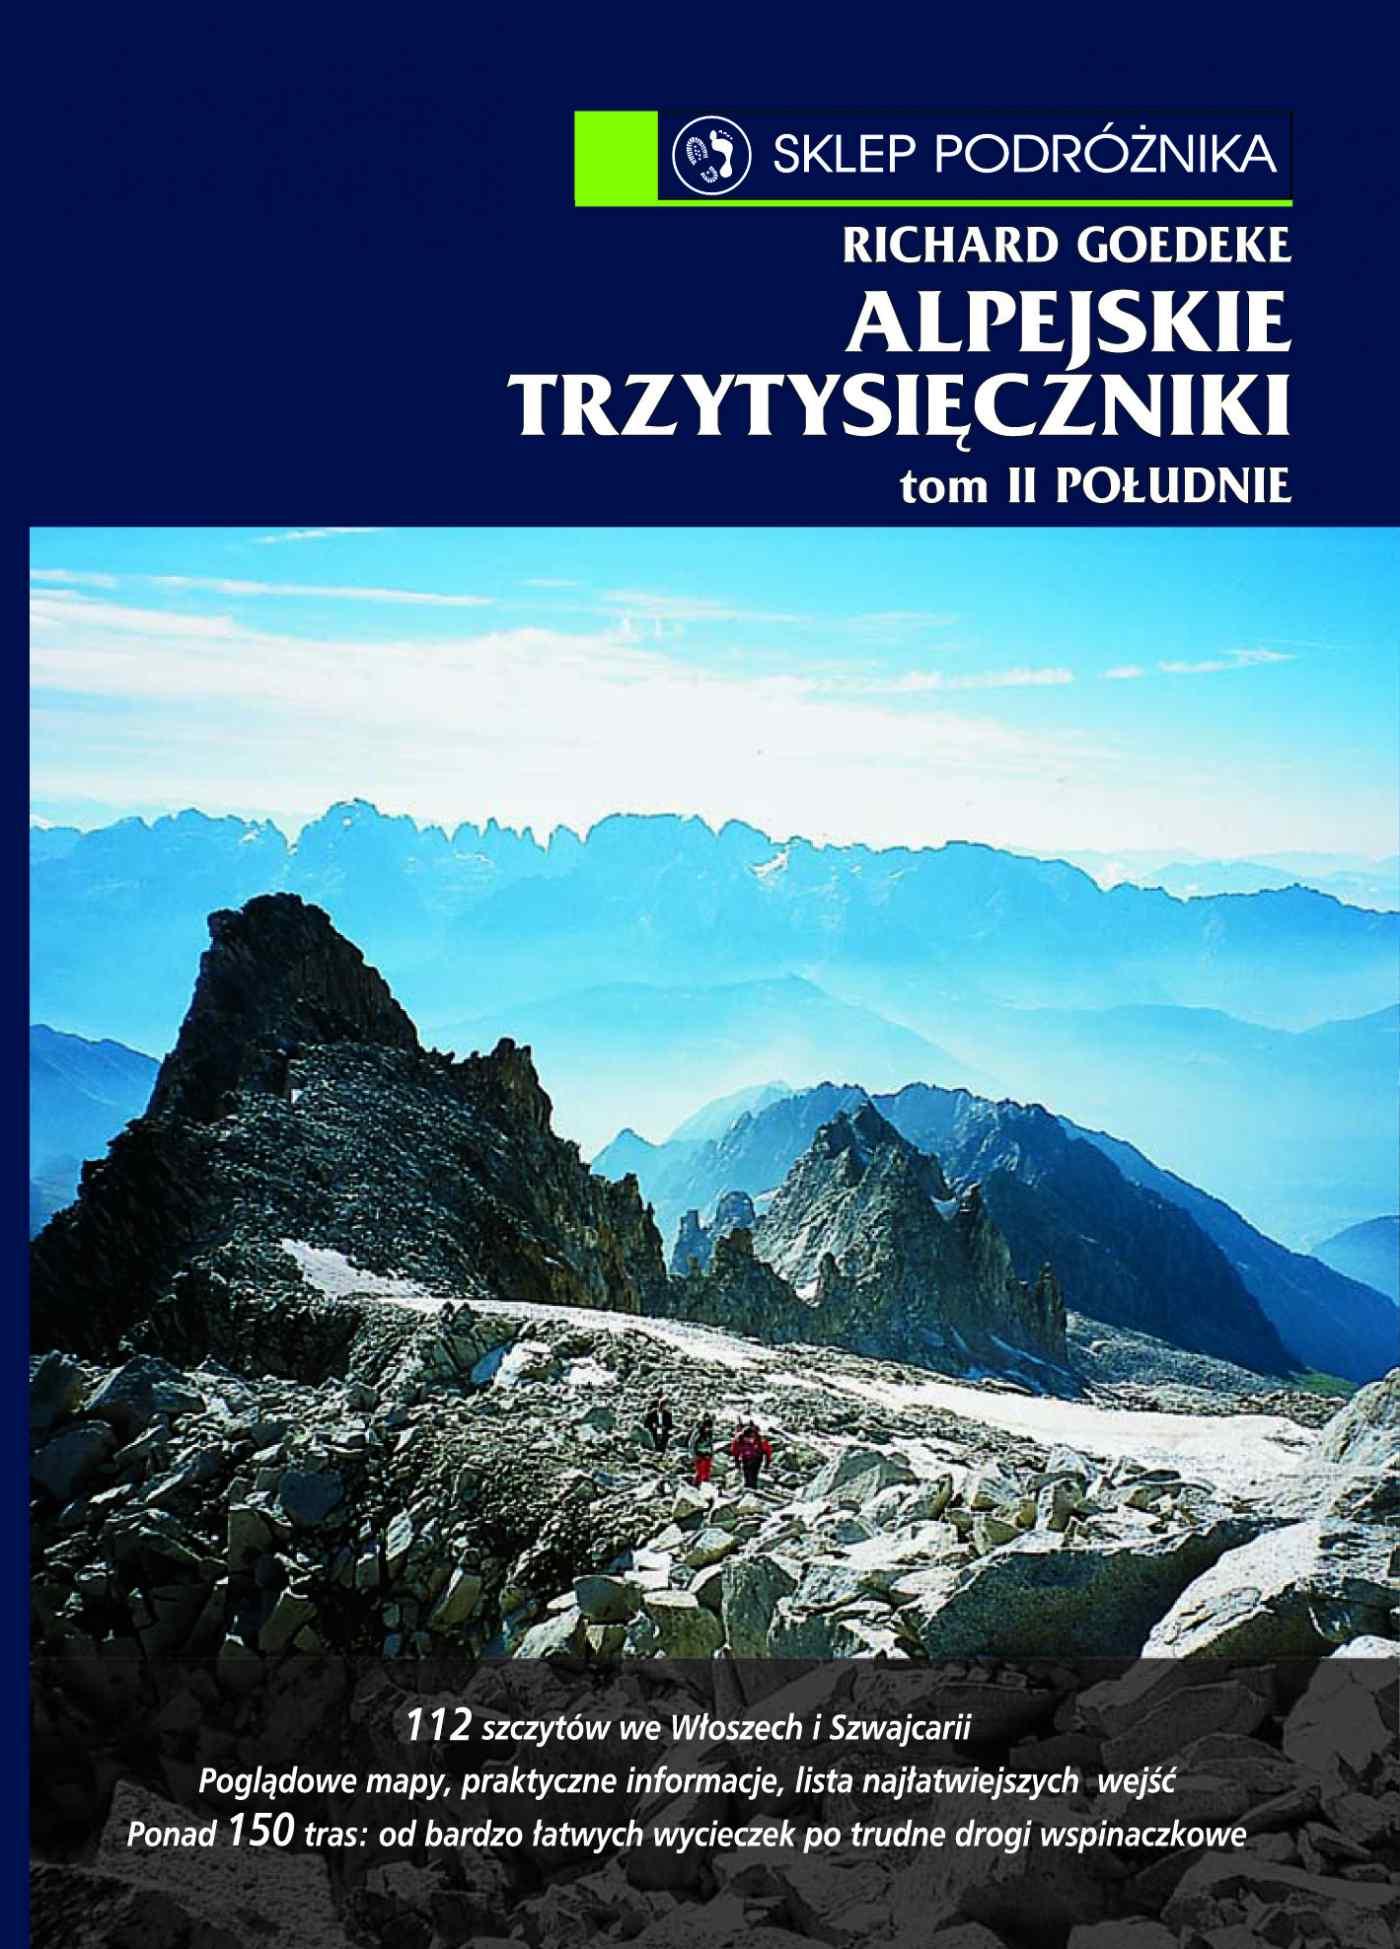 Alpejskie trzytysięczniki. Tom II. Południe. Południowa część Centralnych Alp Wschodnich i Dolomity - Ebook (Książka EPUB) do pobrania w formacie EPUB